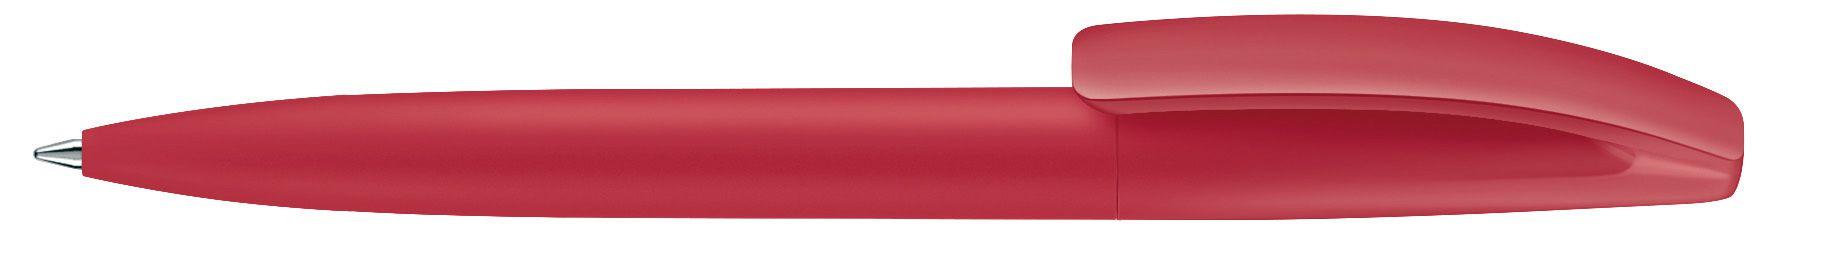 Stylo à bille Bridge soft Touch personnalisé rouge